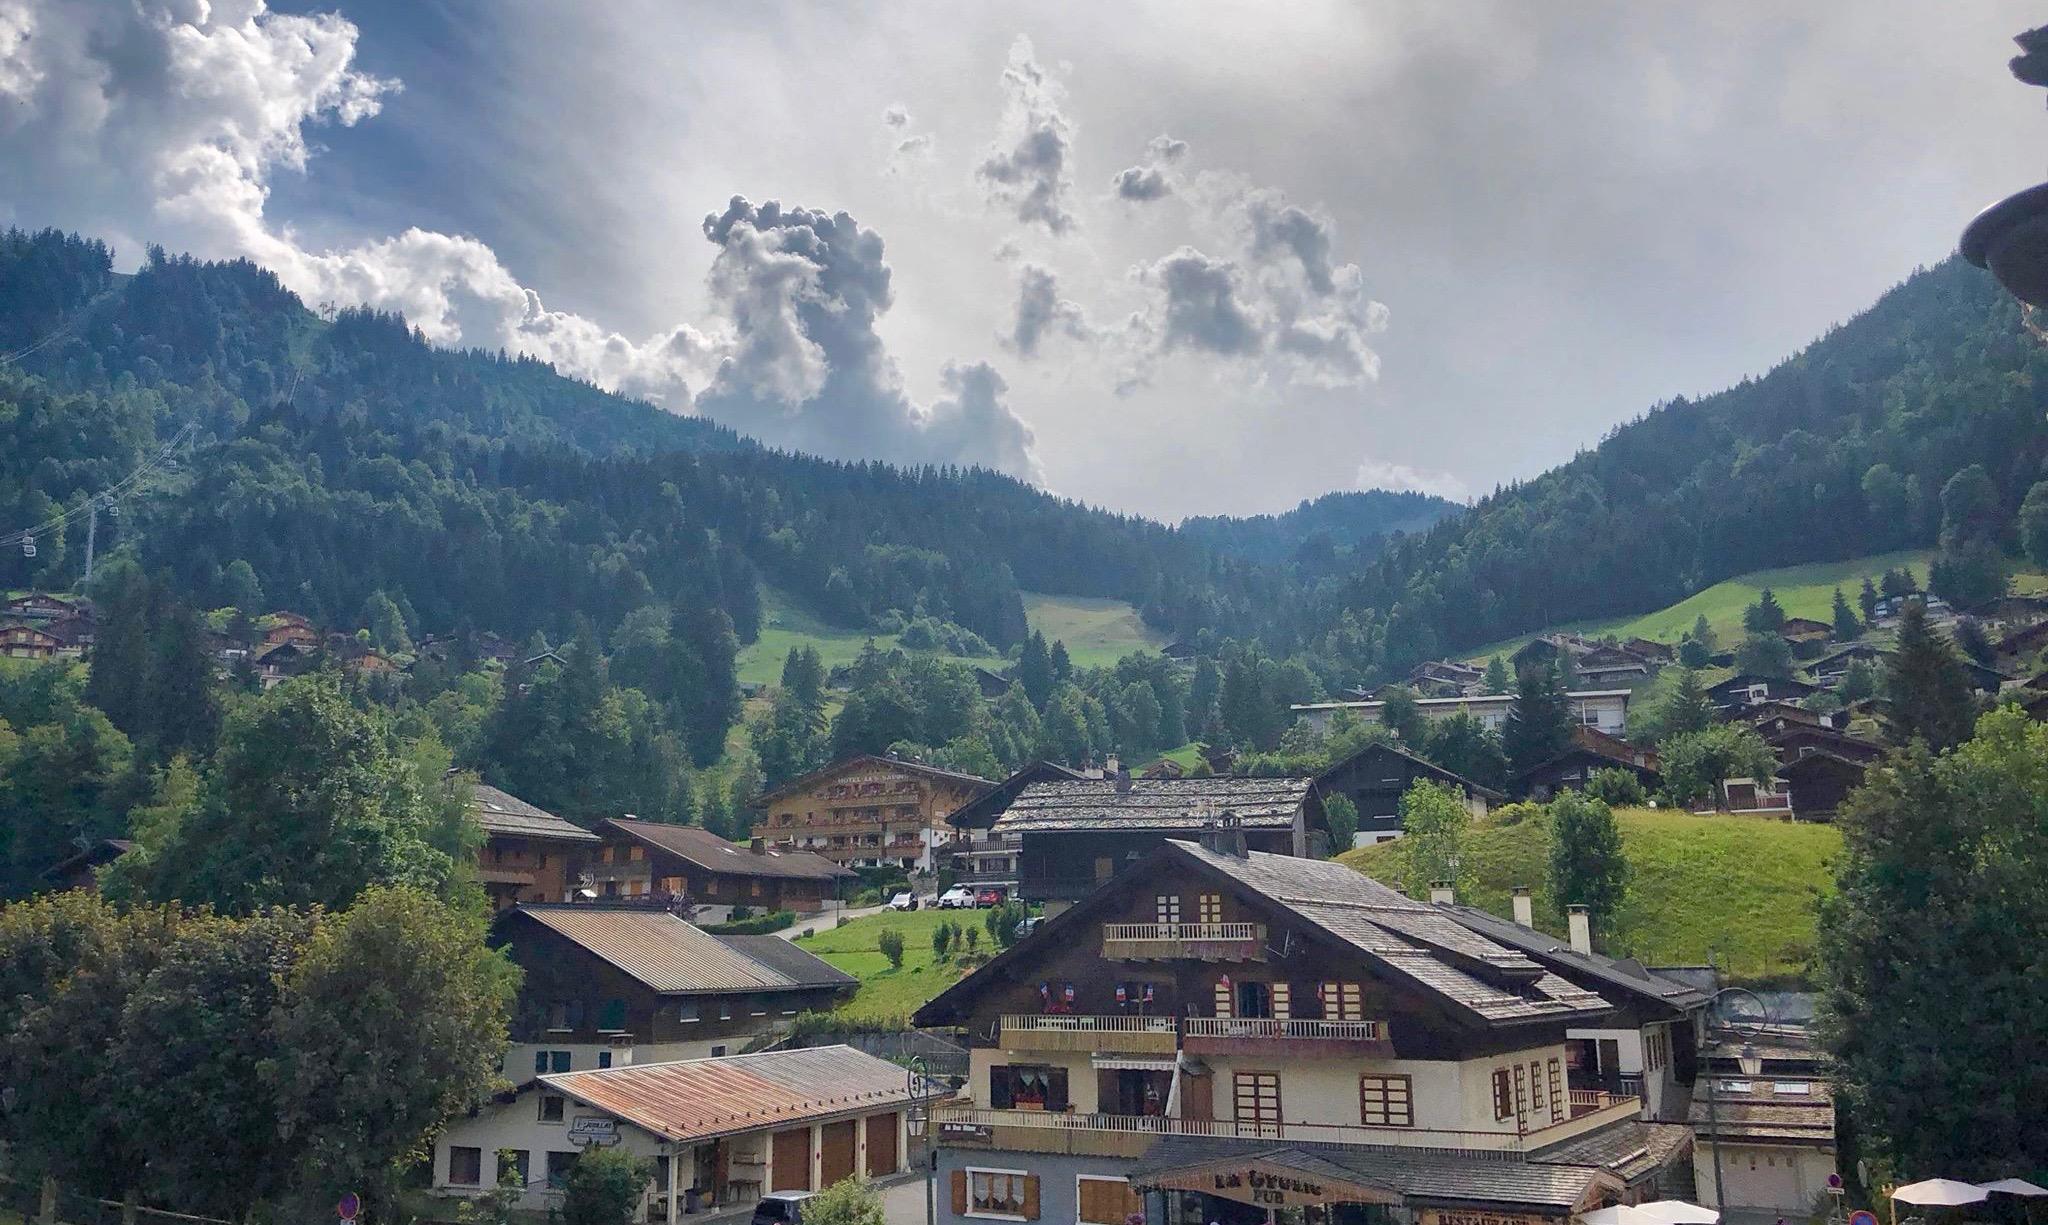 hotel au coeur du village 5 etoiles la clusaz